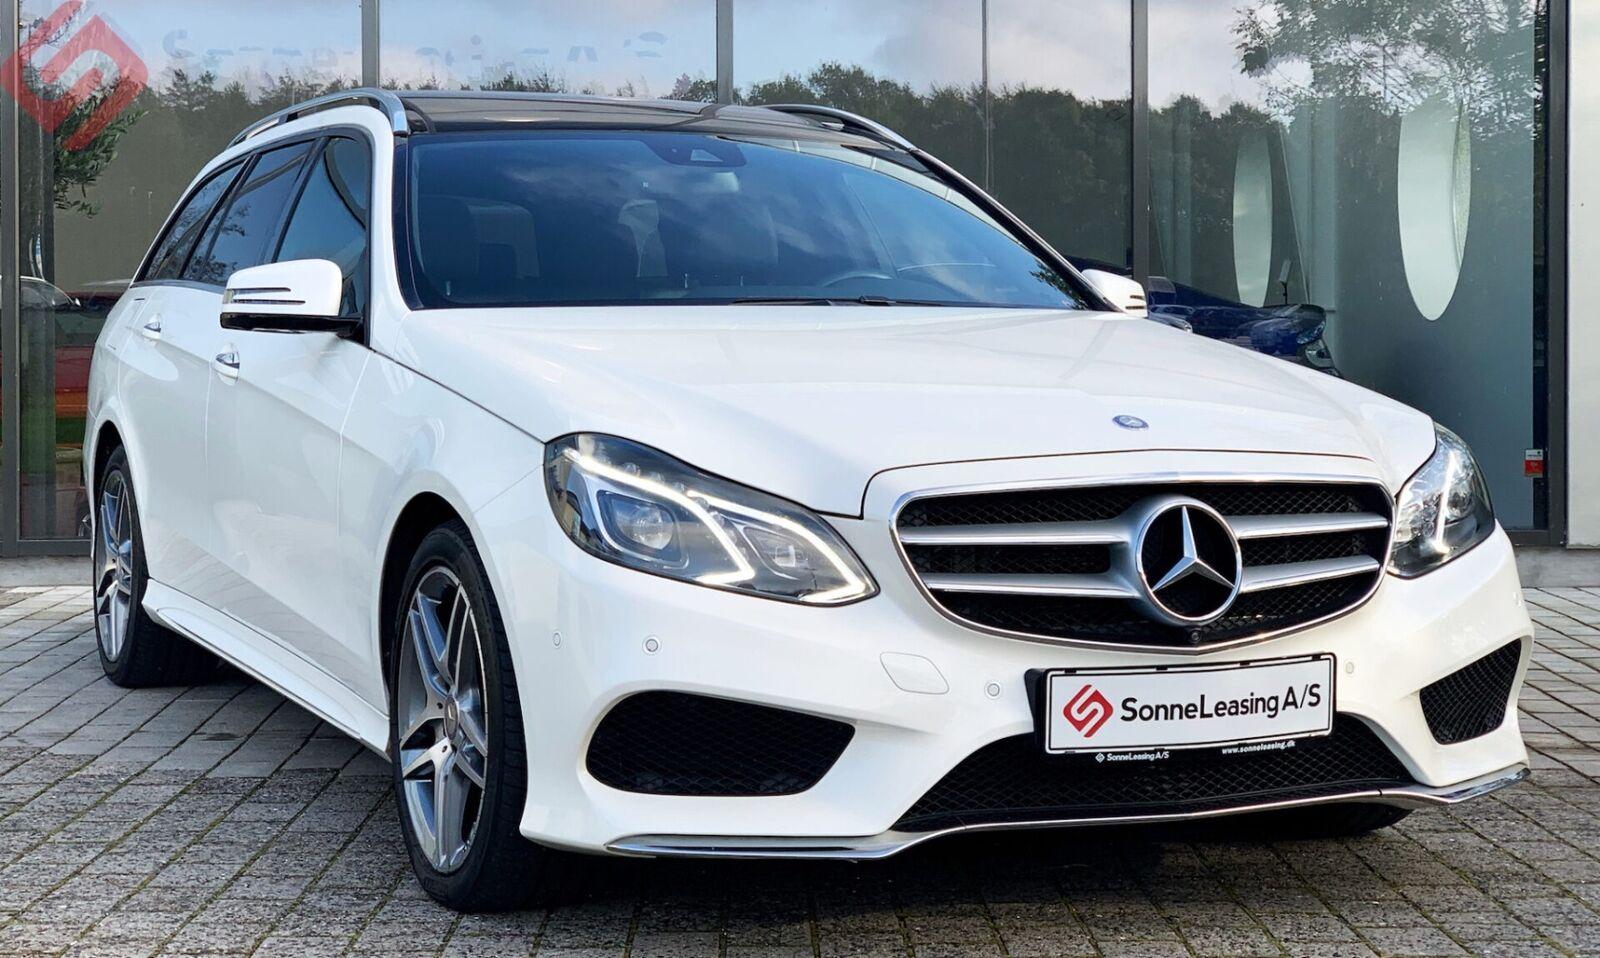 Mercedes E350 3,0 BlueTEC AMG Line stc. aut. 4-M 5d - 3.036 kr.